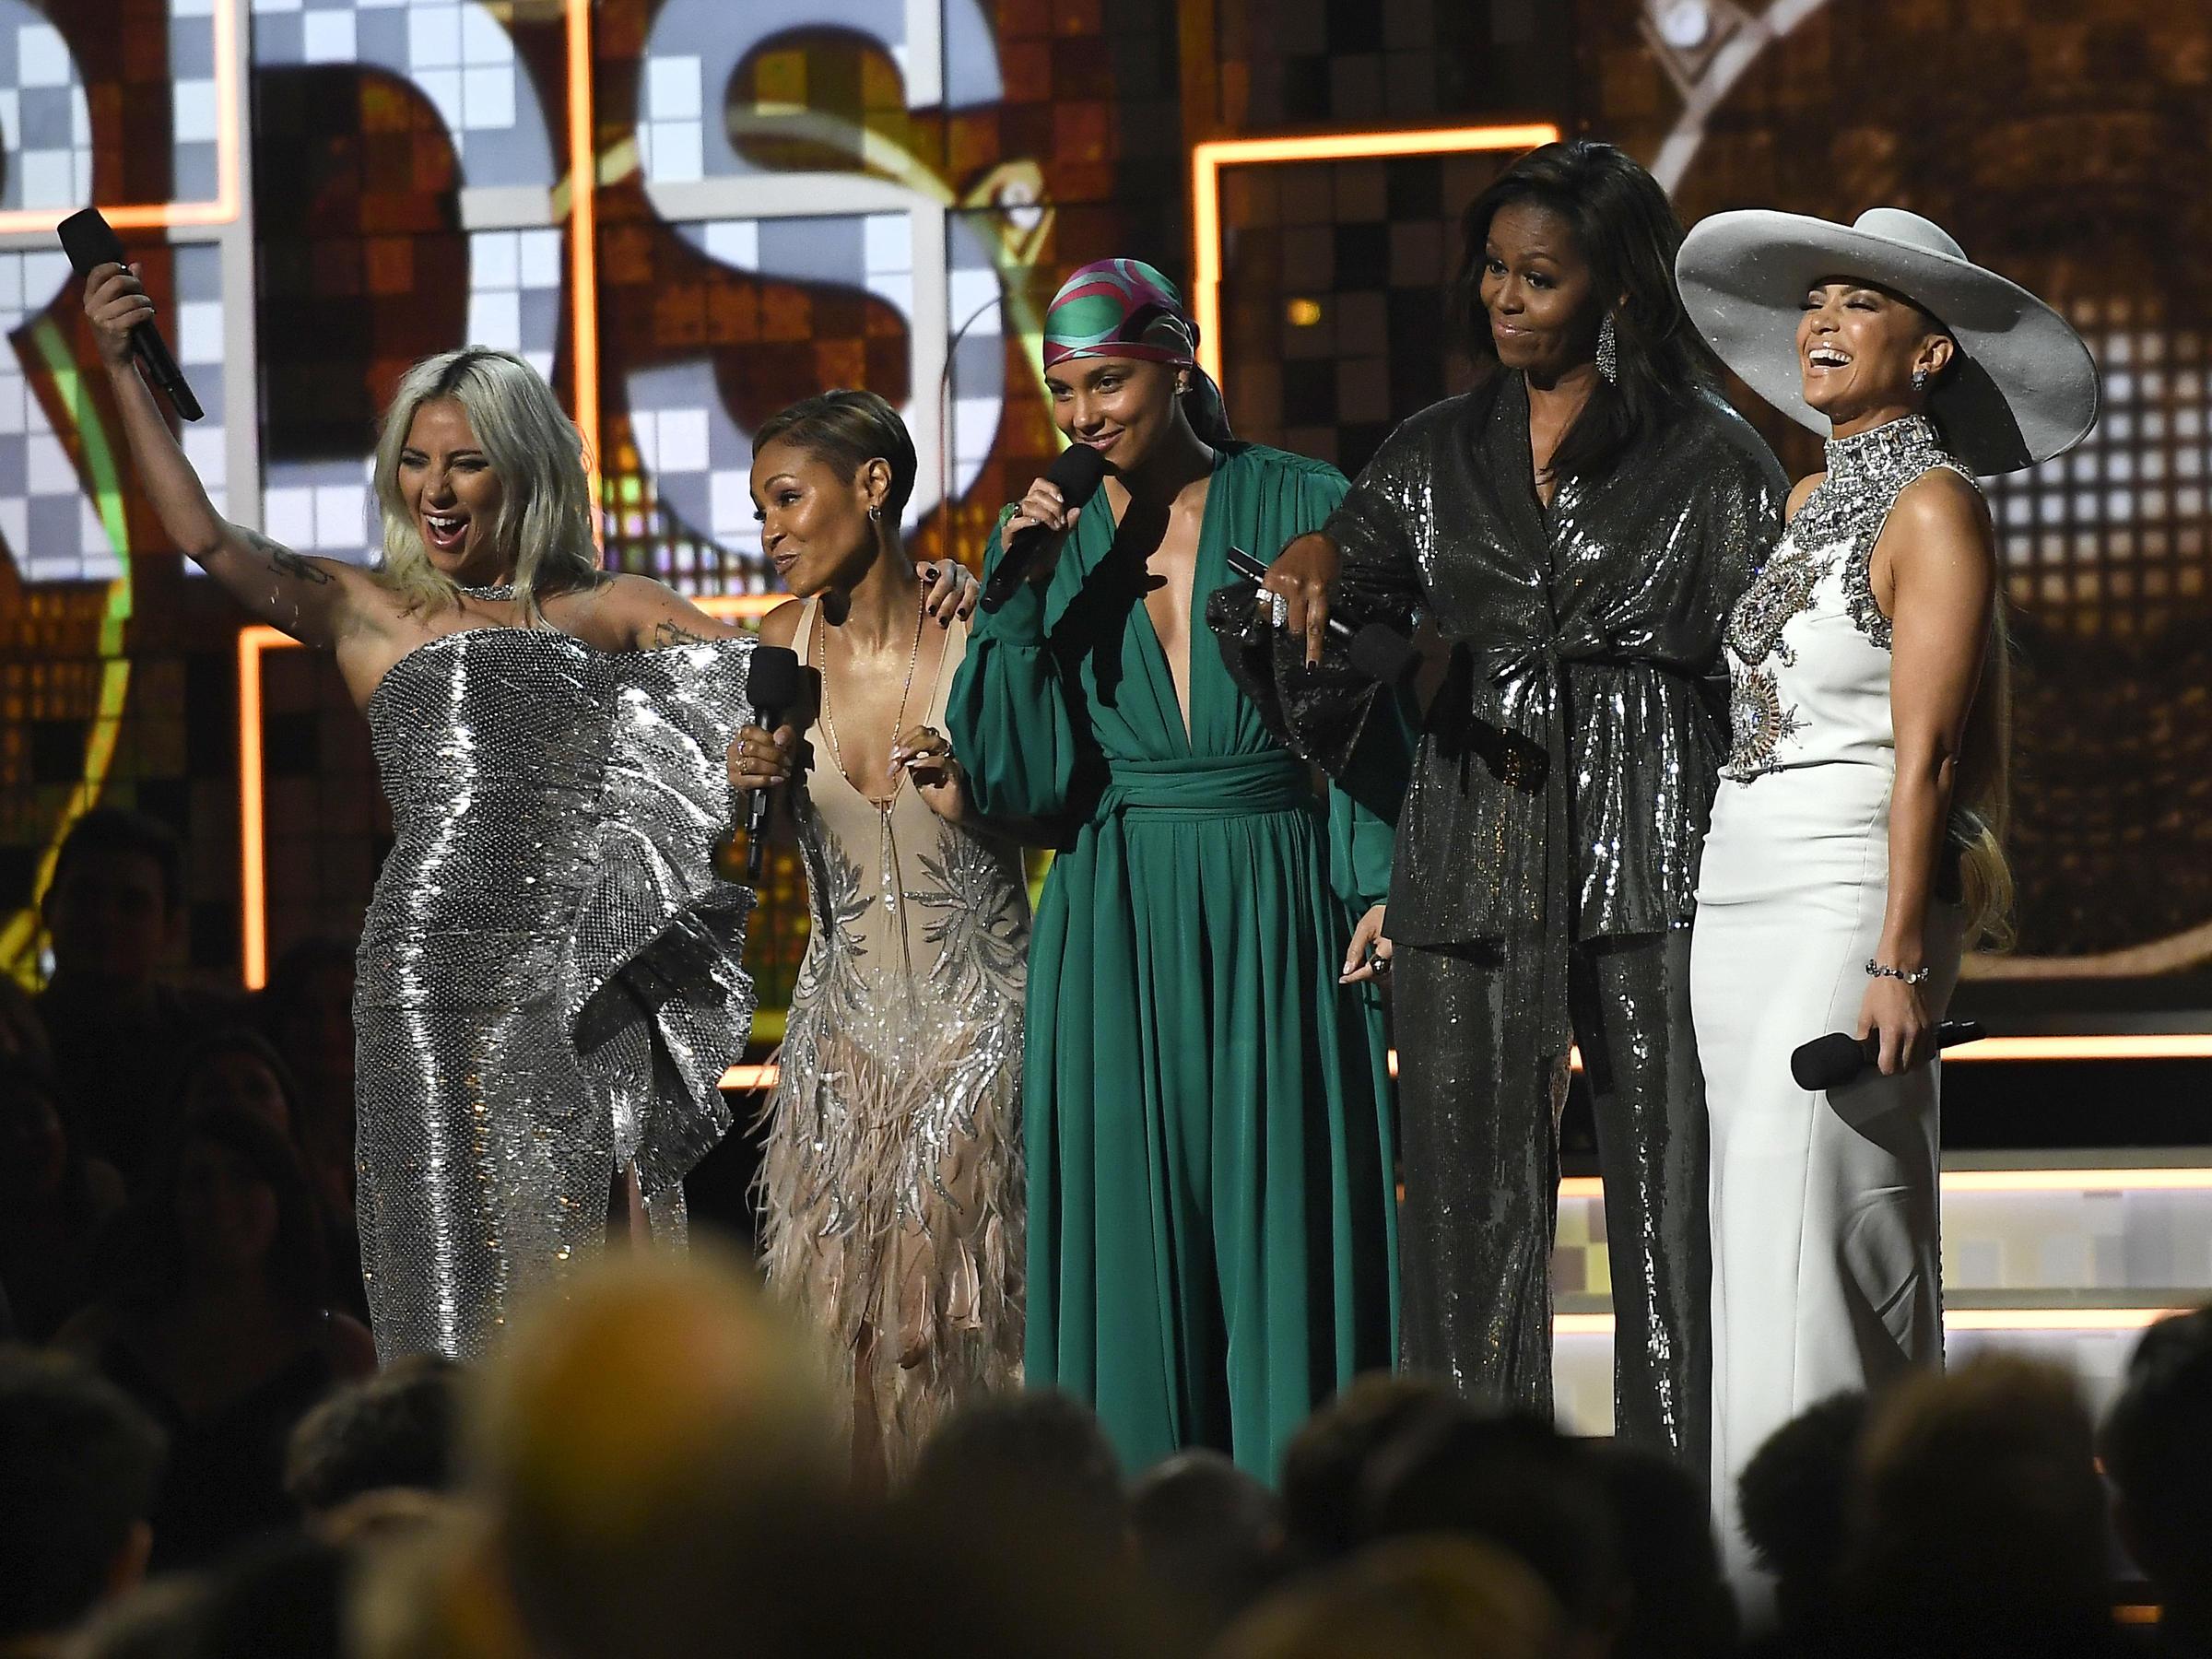 f9e7646c8a2 Live Blog  The 2019 Grammy Awards